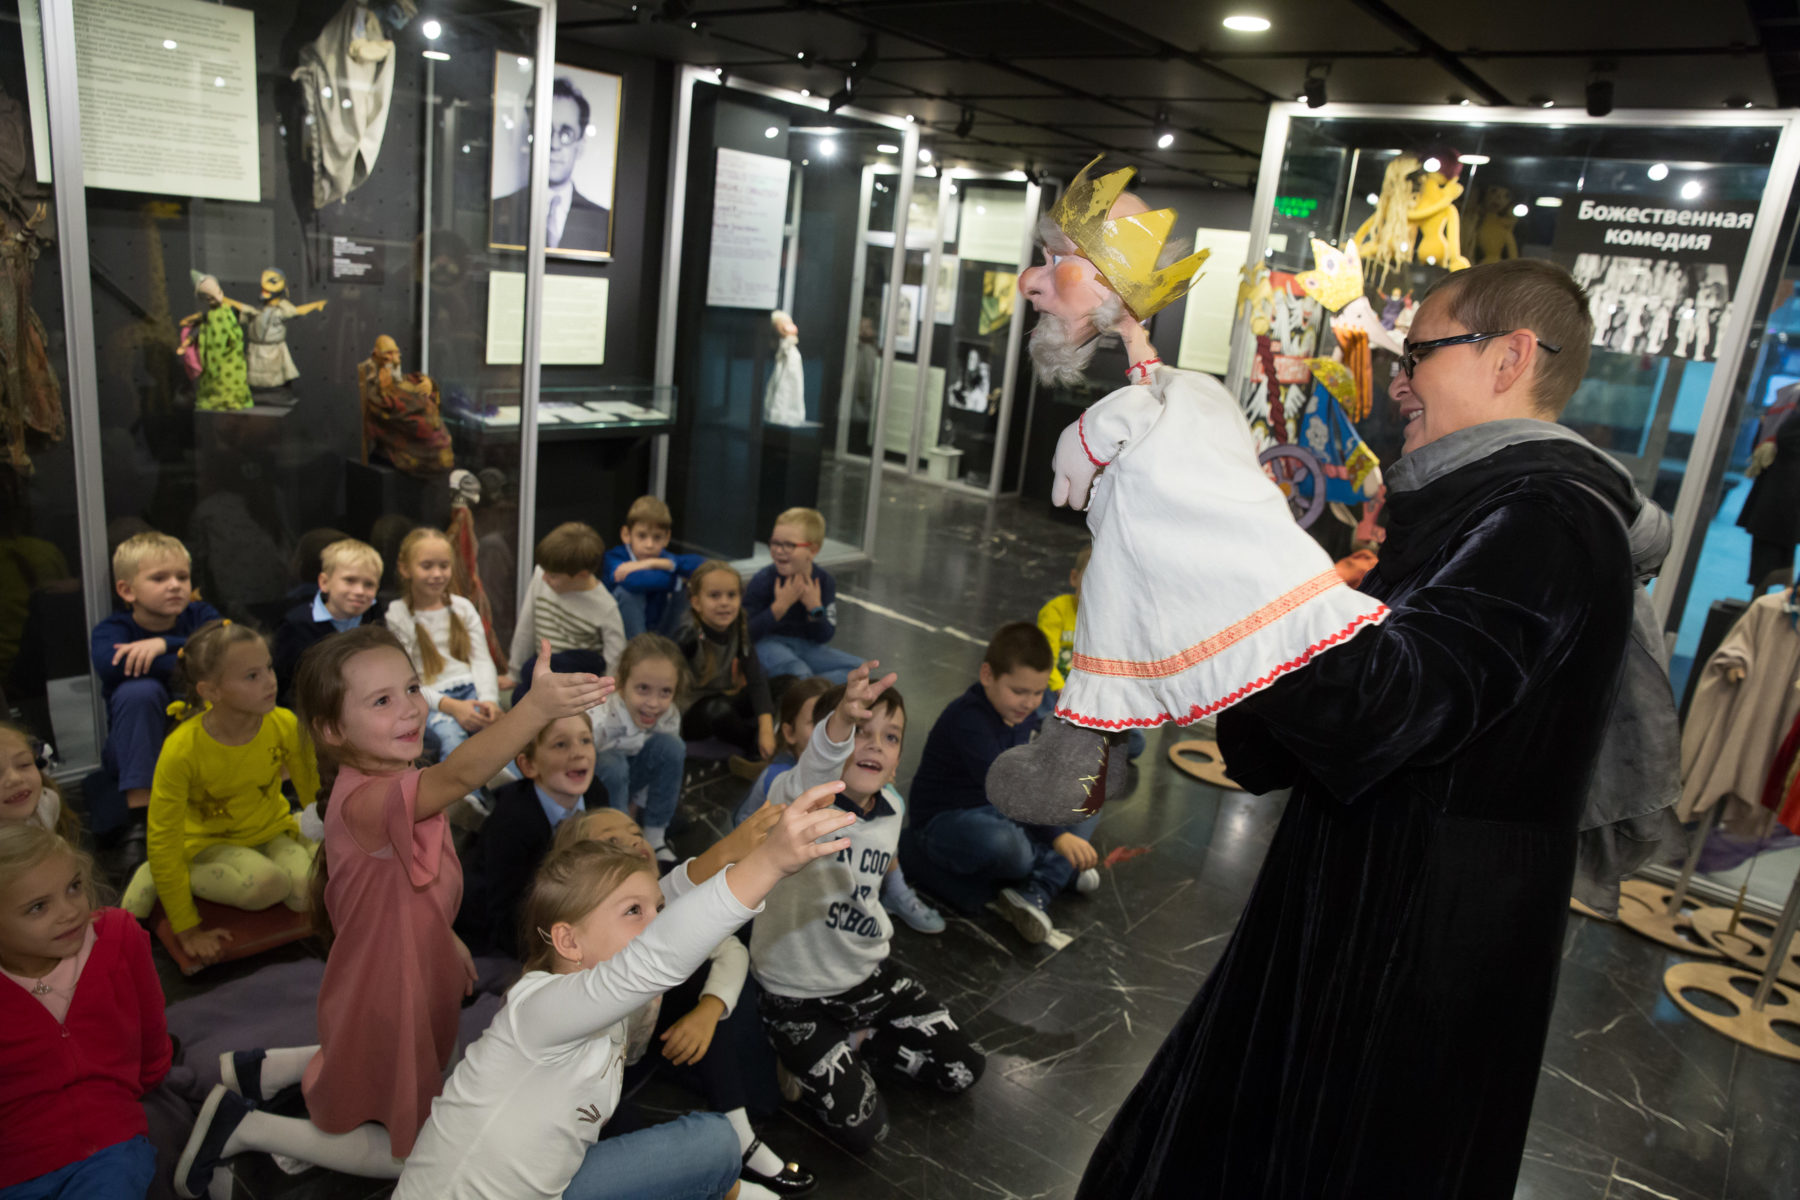 Ночь искусств в музее Театра Образцова – события на сайте «Московские Сезоны»